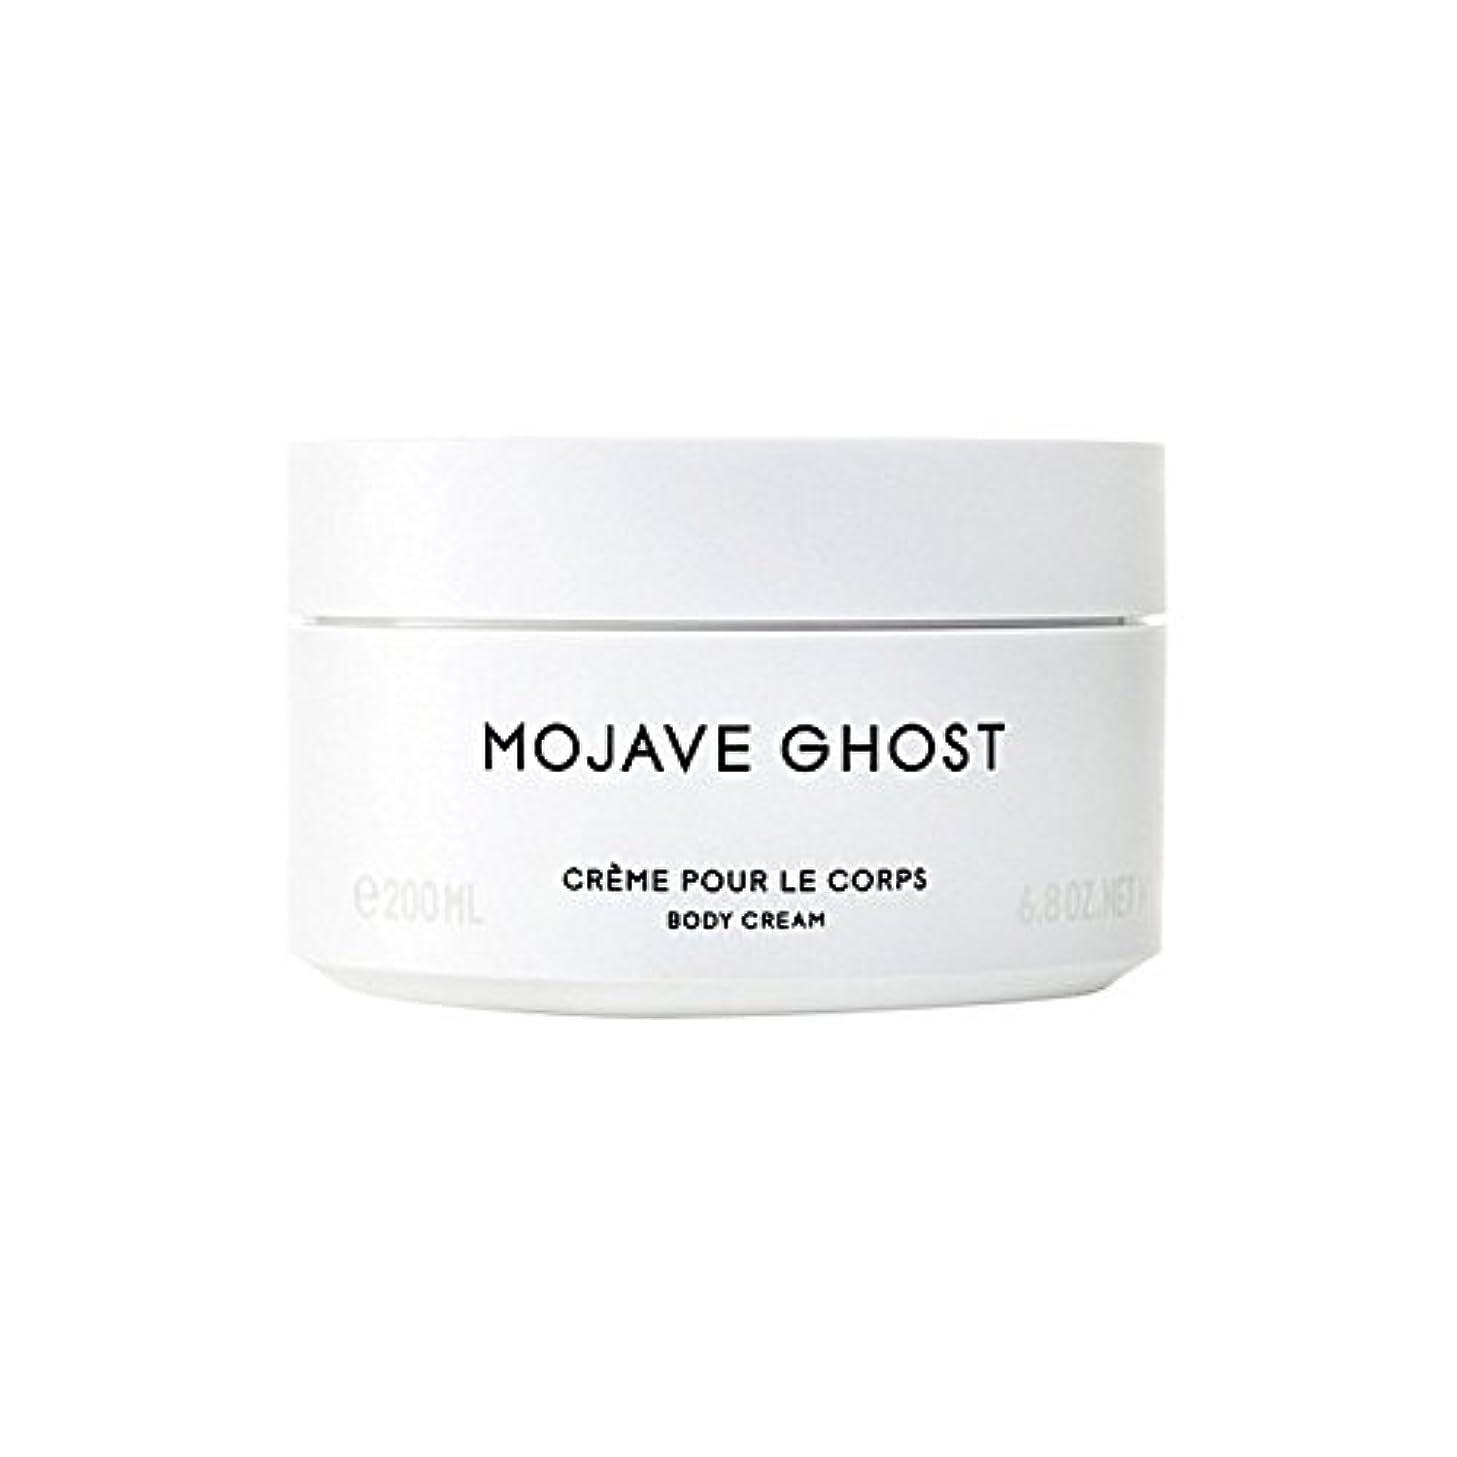 できたハンマーかき混ぜるモハーベゴーストボディクリーム200ミリリットル x4 - Byredo Mojave Ghost Body Cream 200ml (Pack of 4) [並行輸入品]